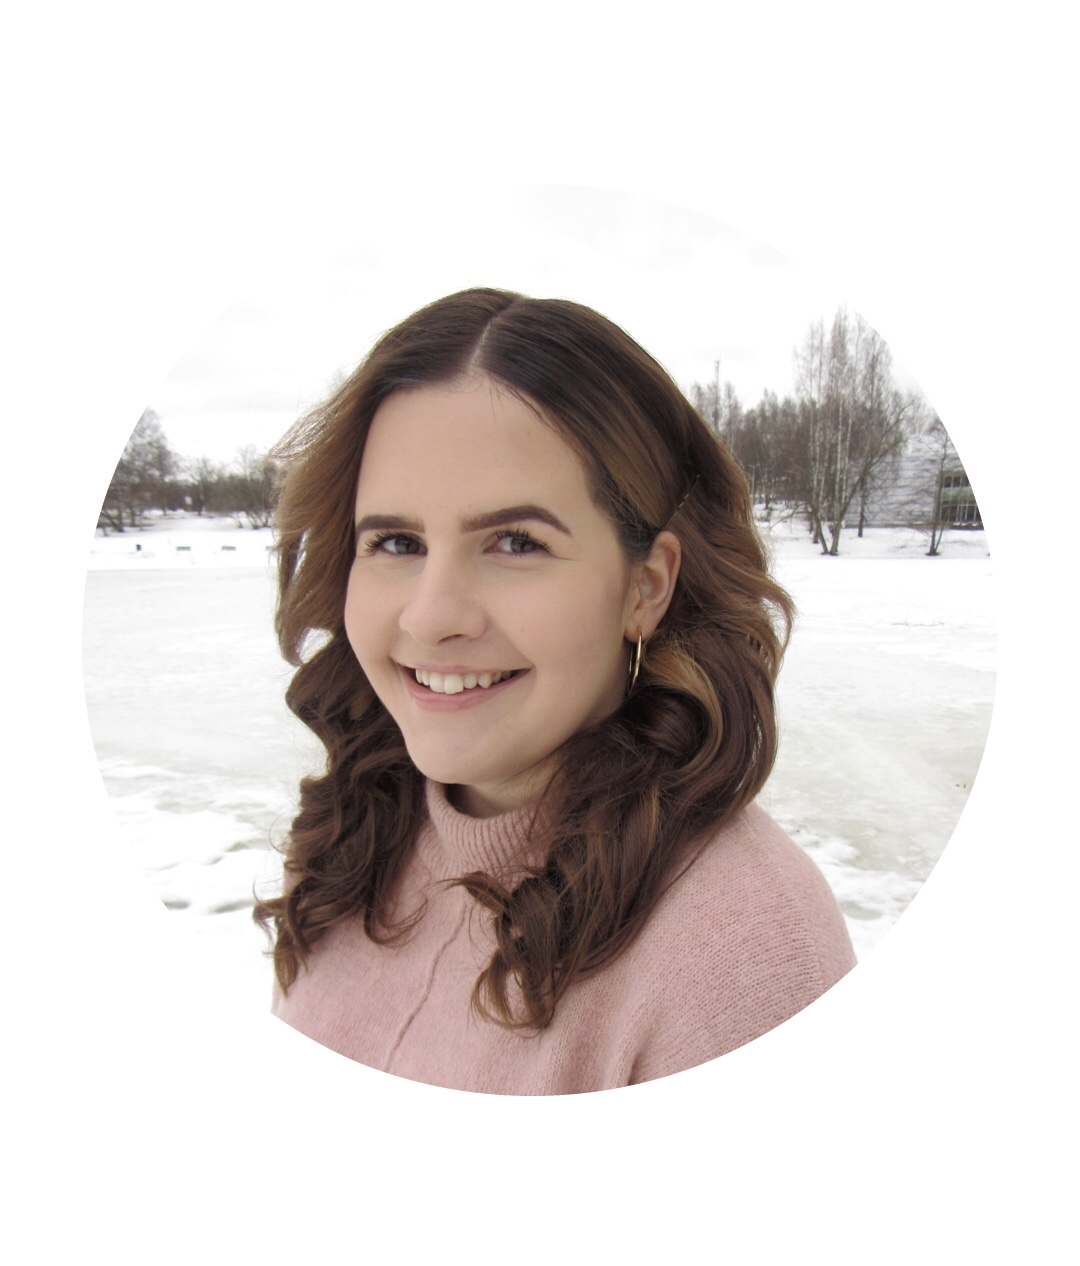 Emilia Valkeejärvi